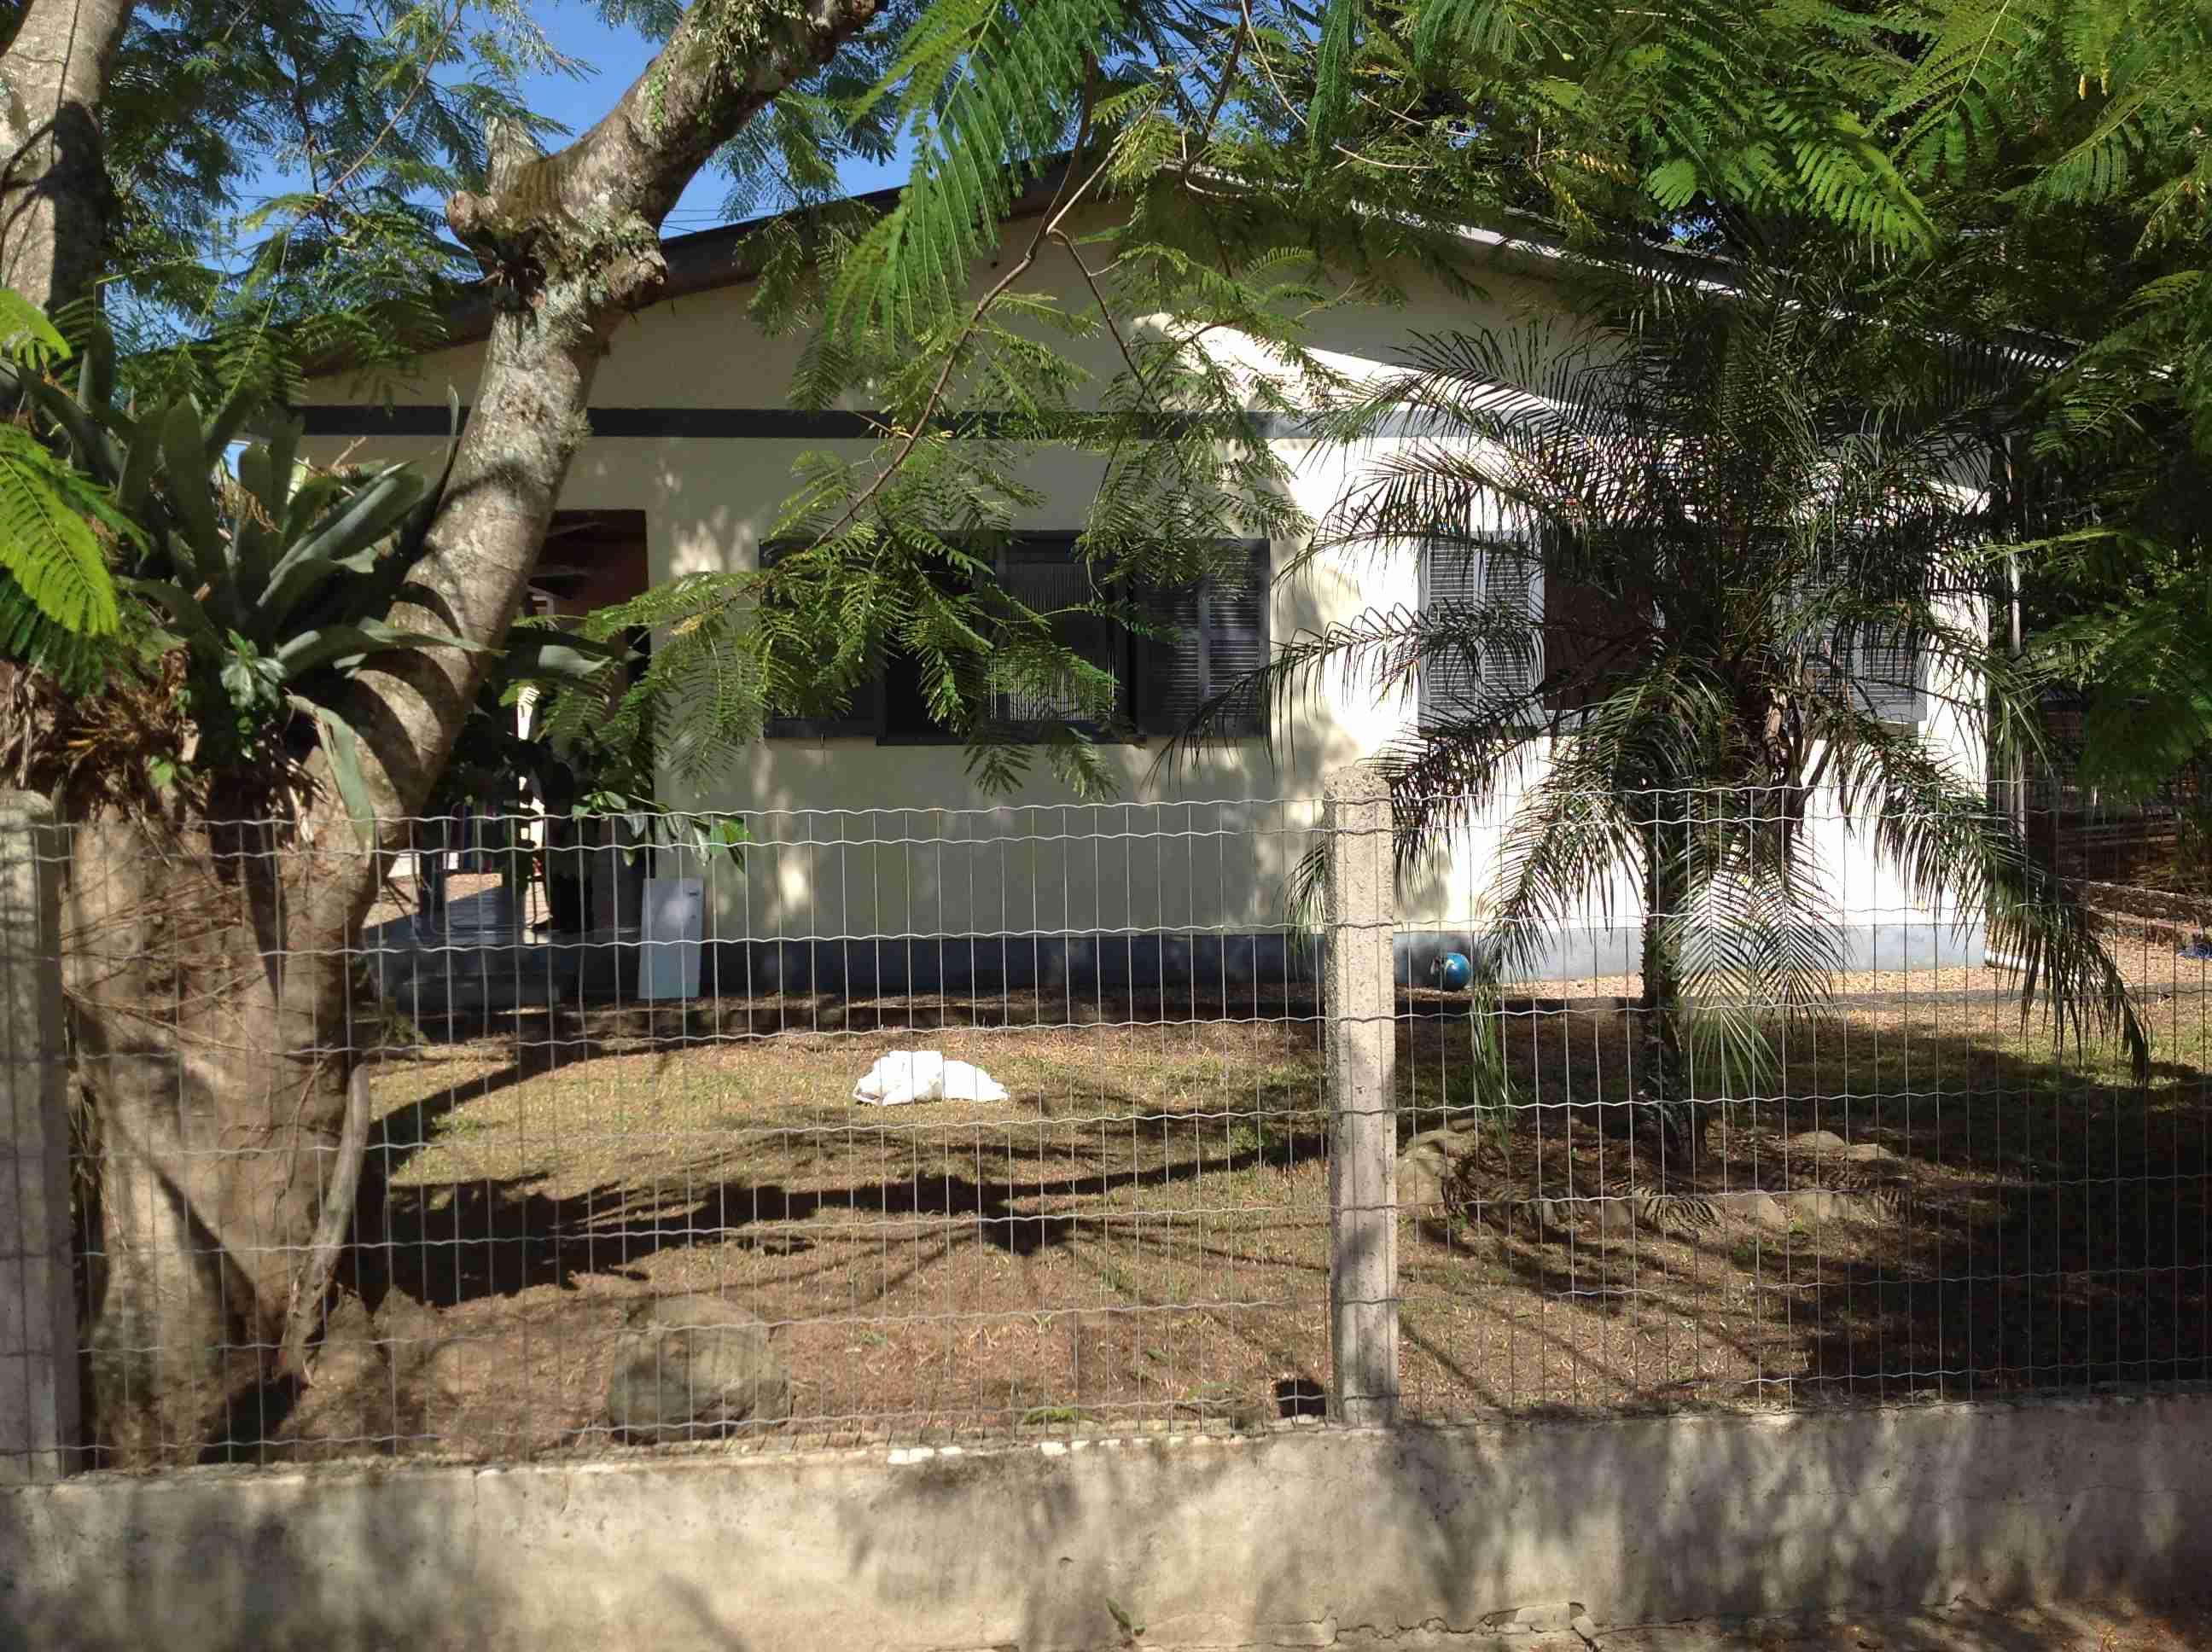 Casa material (089) 9×12:108m2,3quartos,sala,cosinha,banheiro,área de serviço com churrasqueira,garagem p/ 2 carros,lote 17×28:476m2